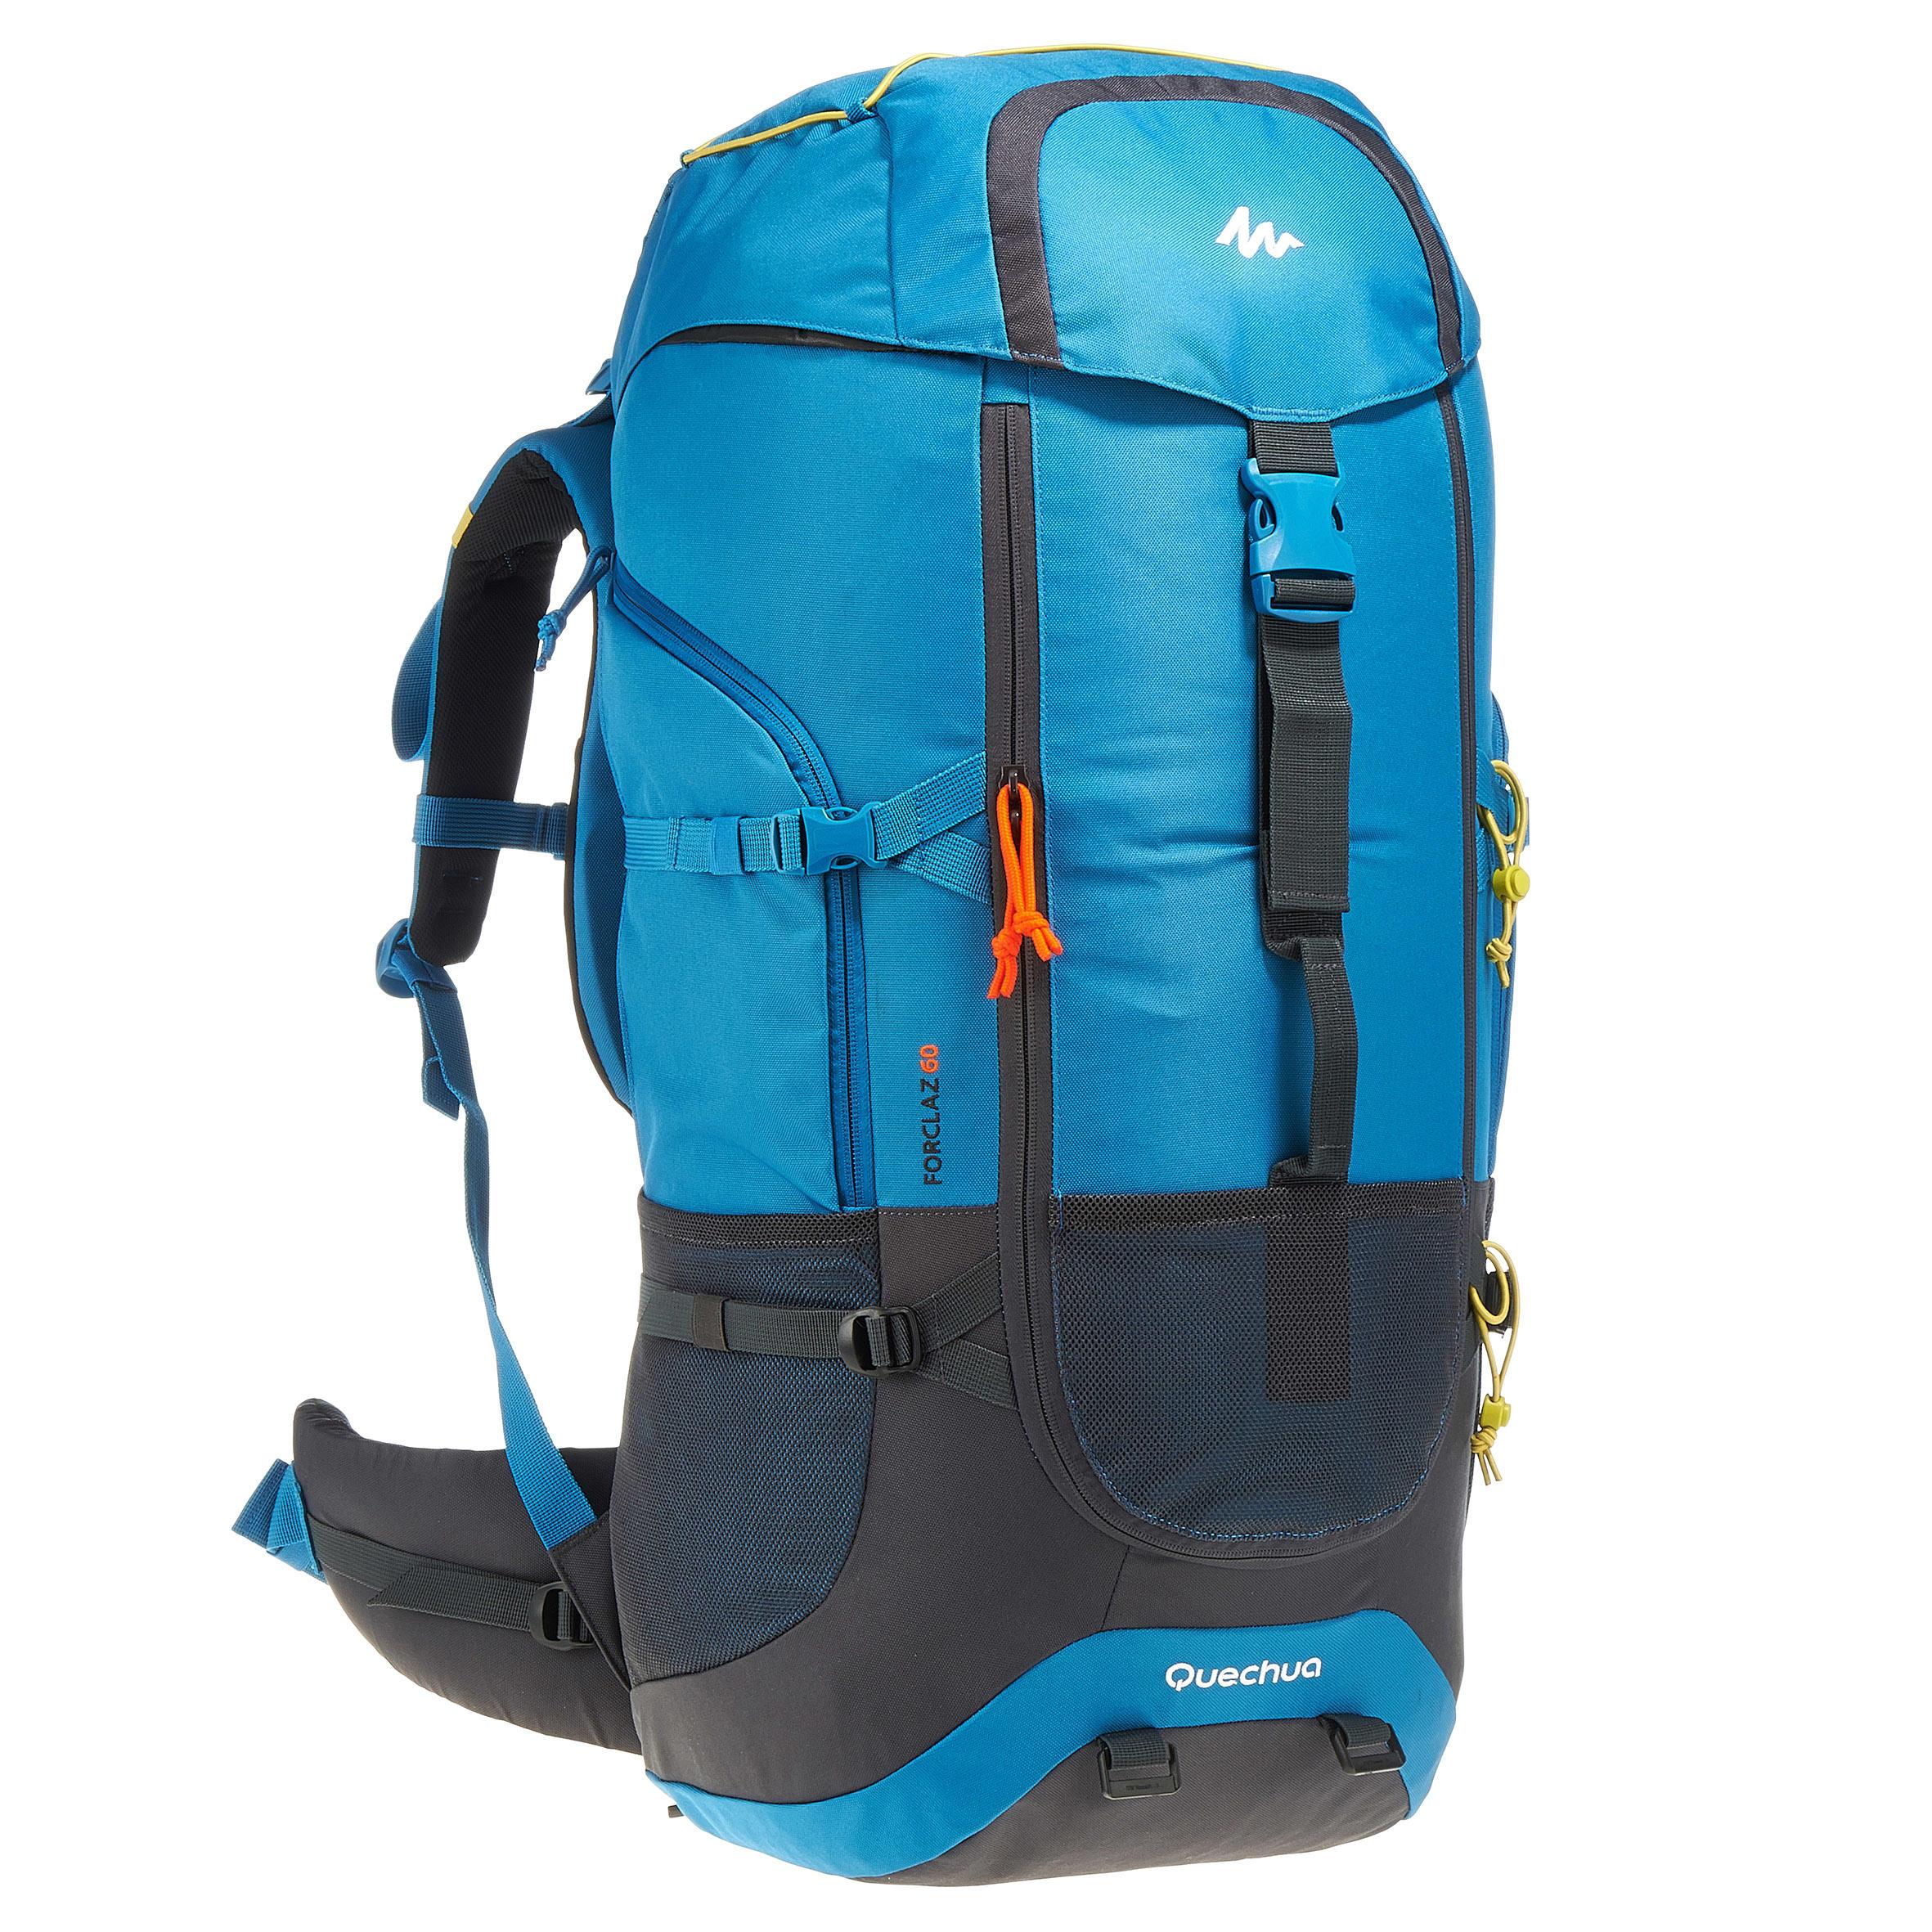 4737e970e06 Quechua Trekrugzak Forclaz 60 liter   Decathlon